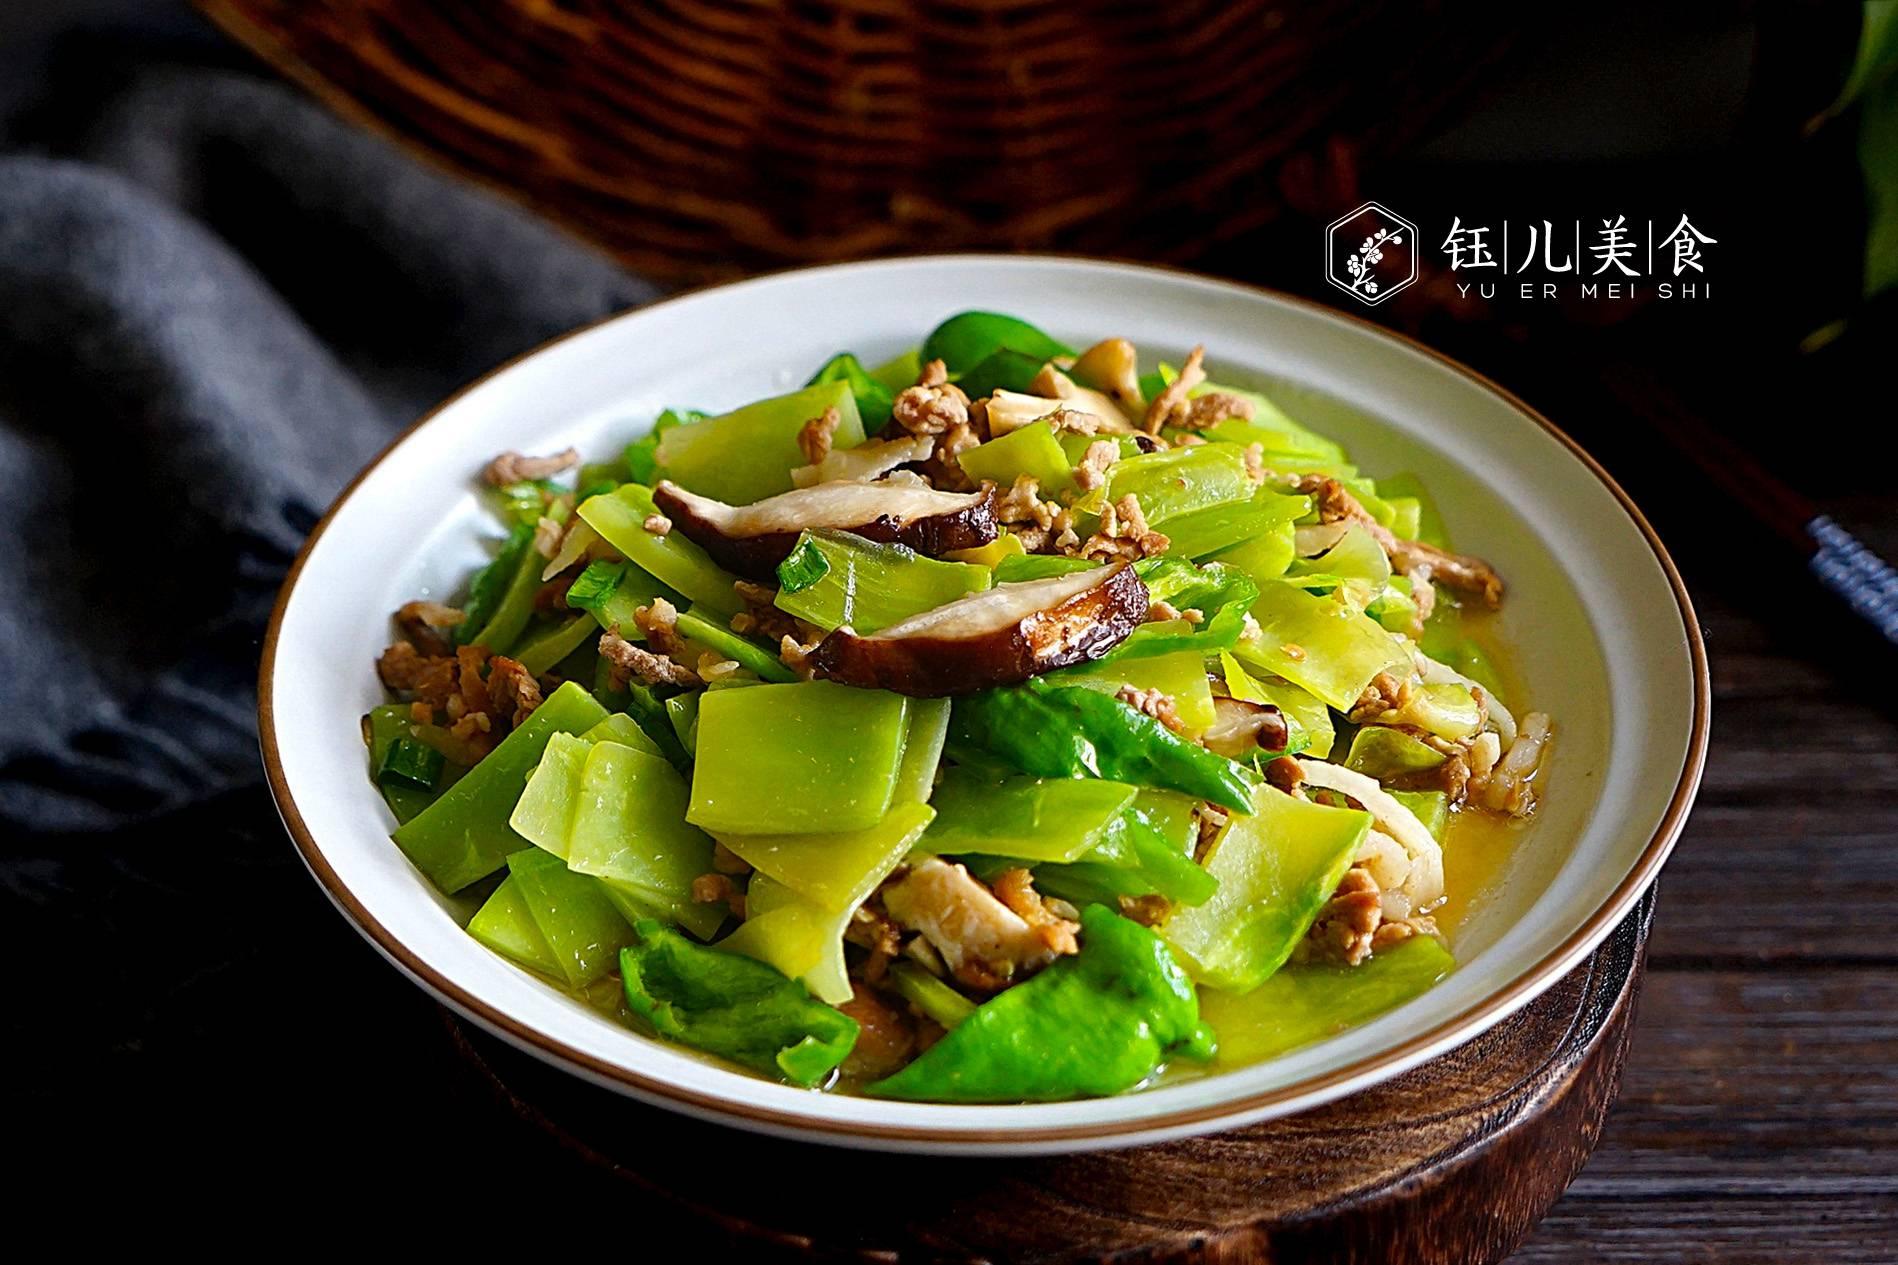 明日雨水,不管有钱没钱,这6种菜吃起来,鲜嫩美味,常吃去春燥